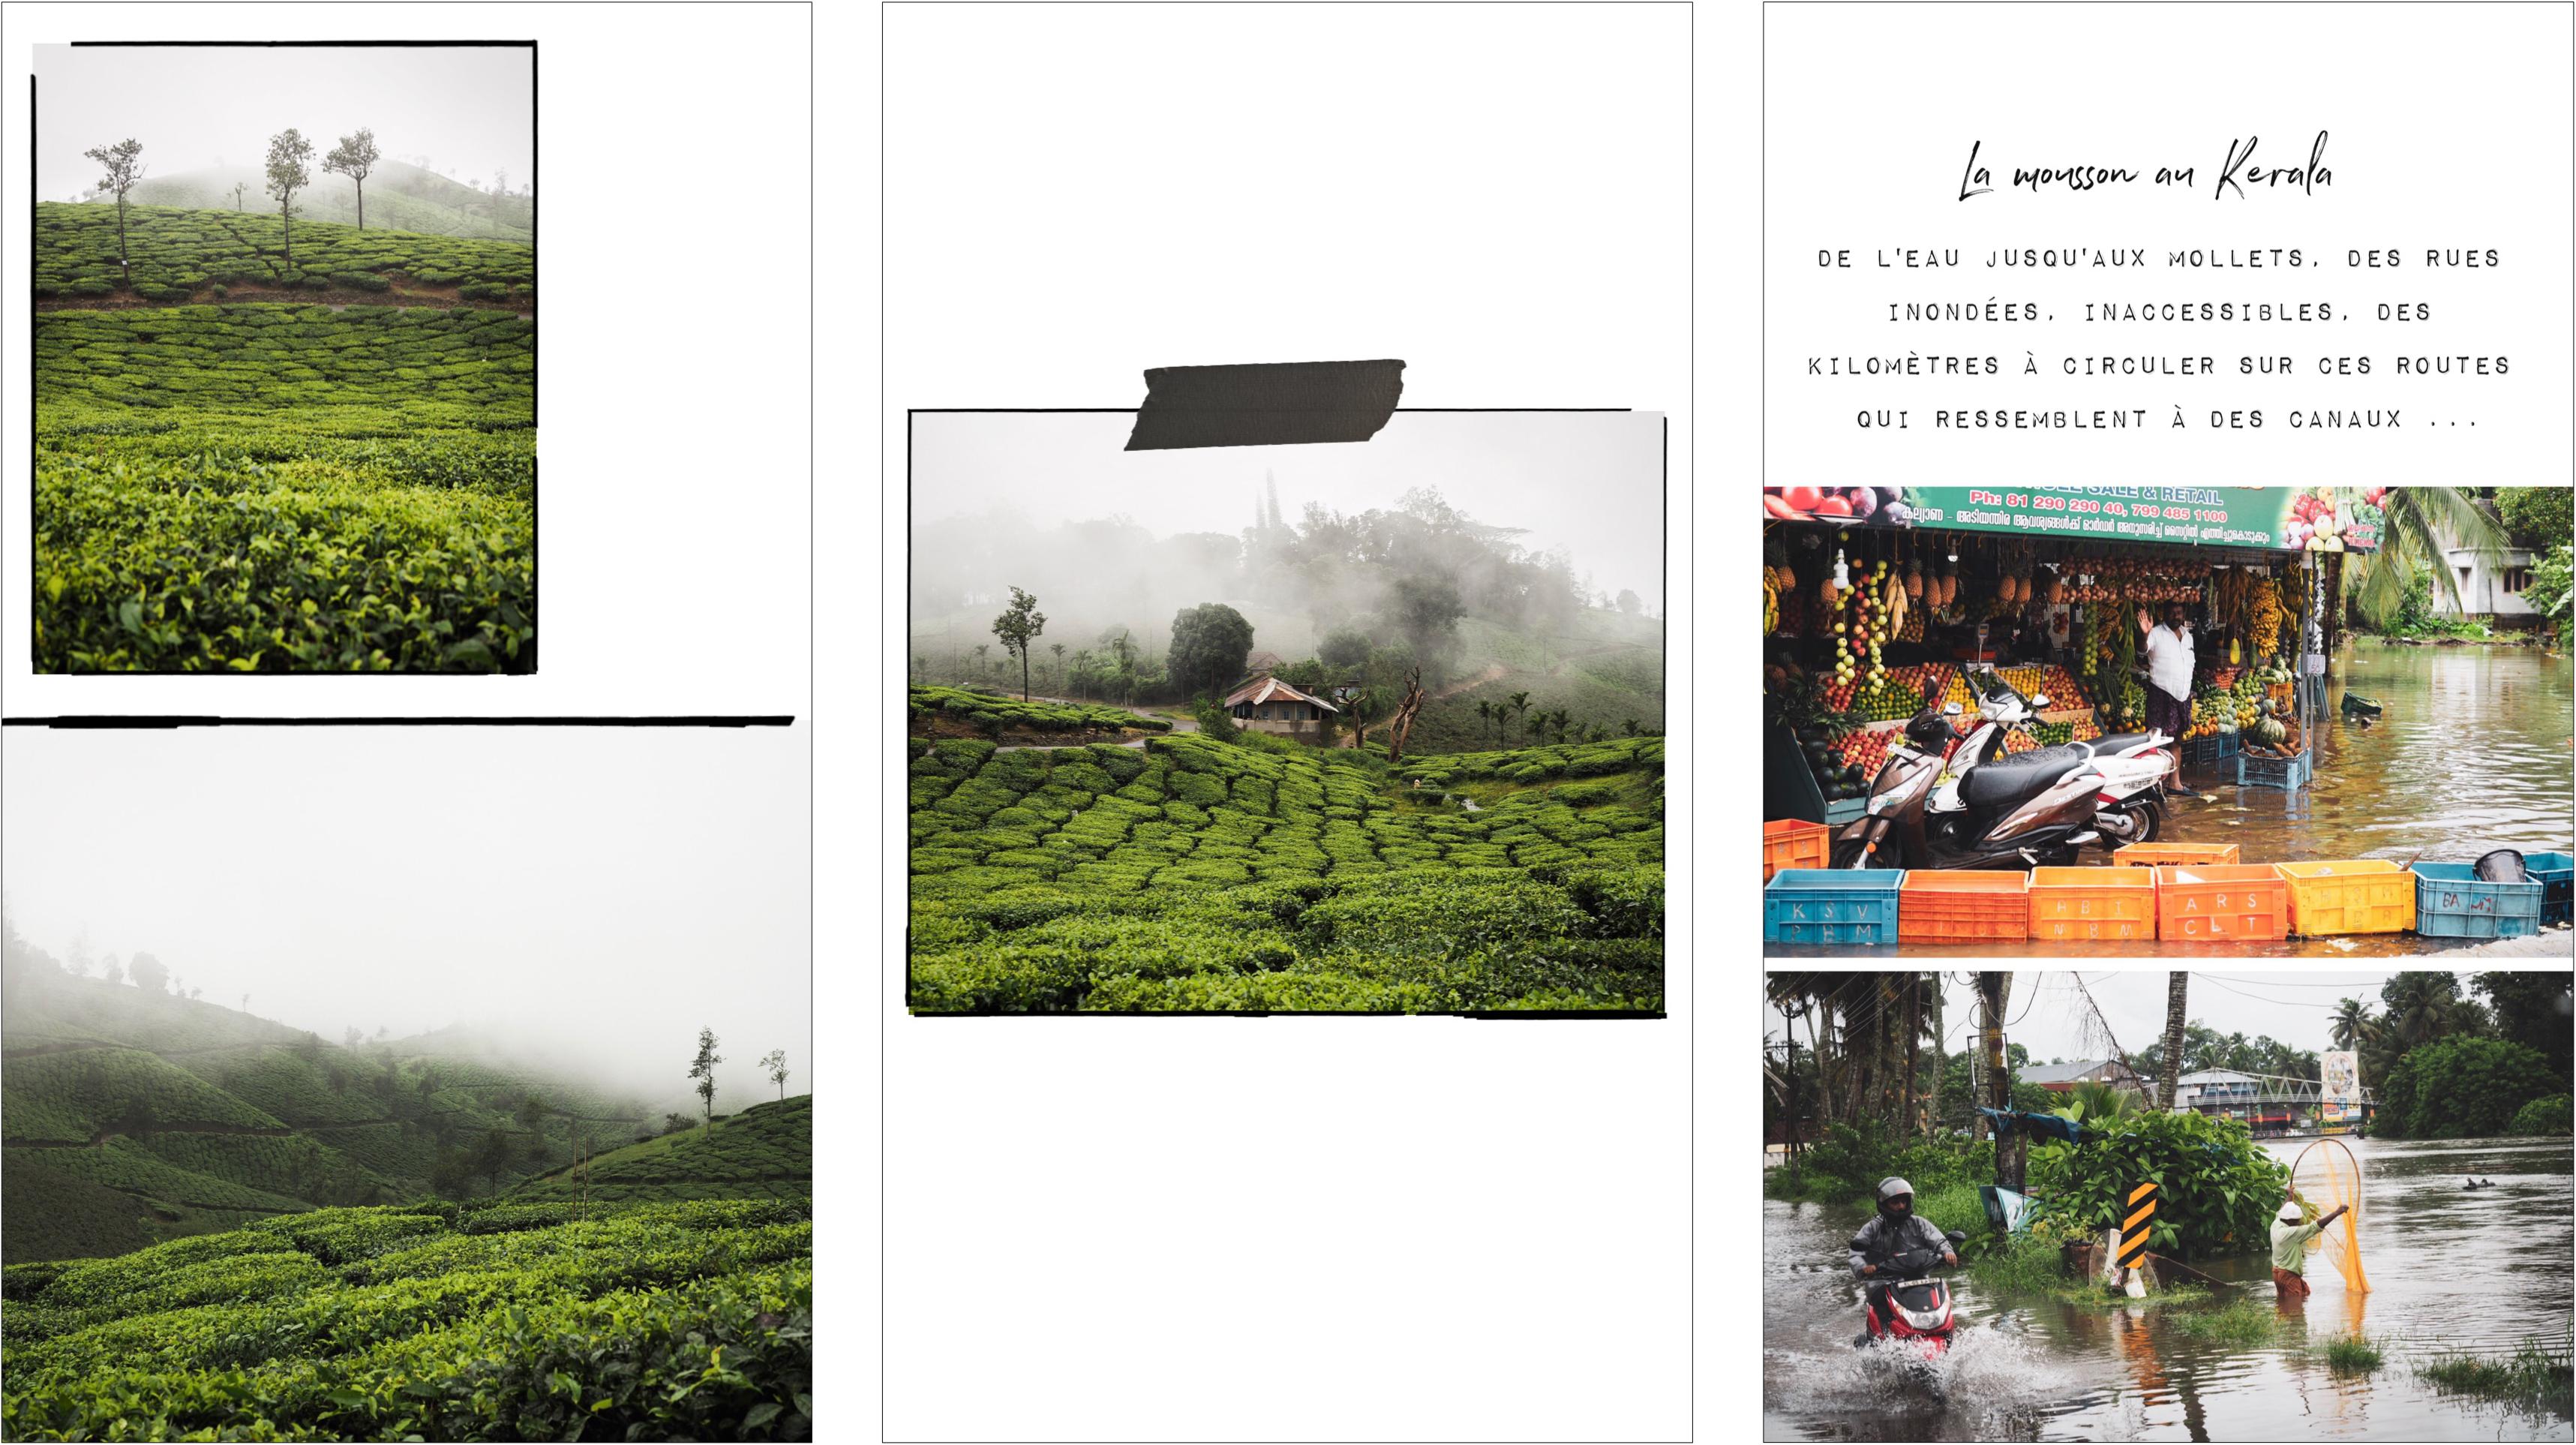 voyager au kerala - photos d'Inde - culture du Kerala - découvrir les plantations de thé en Inde